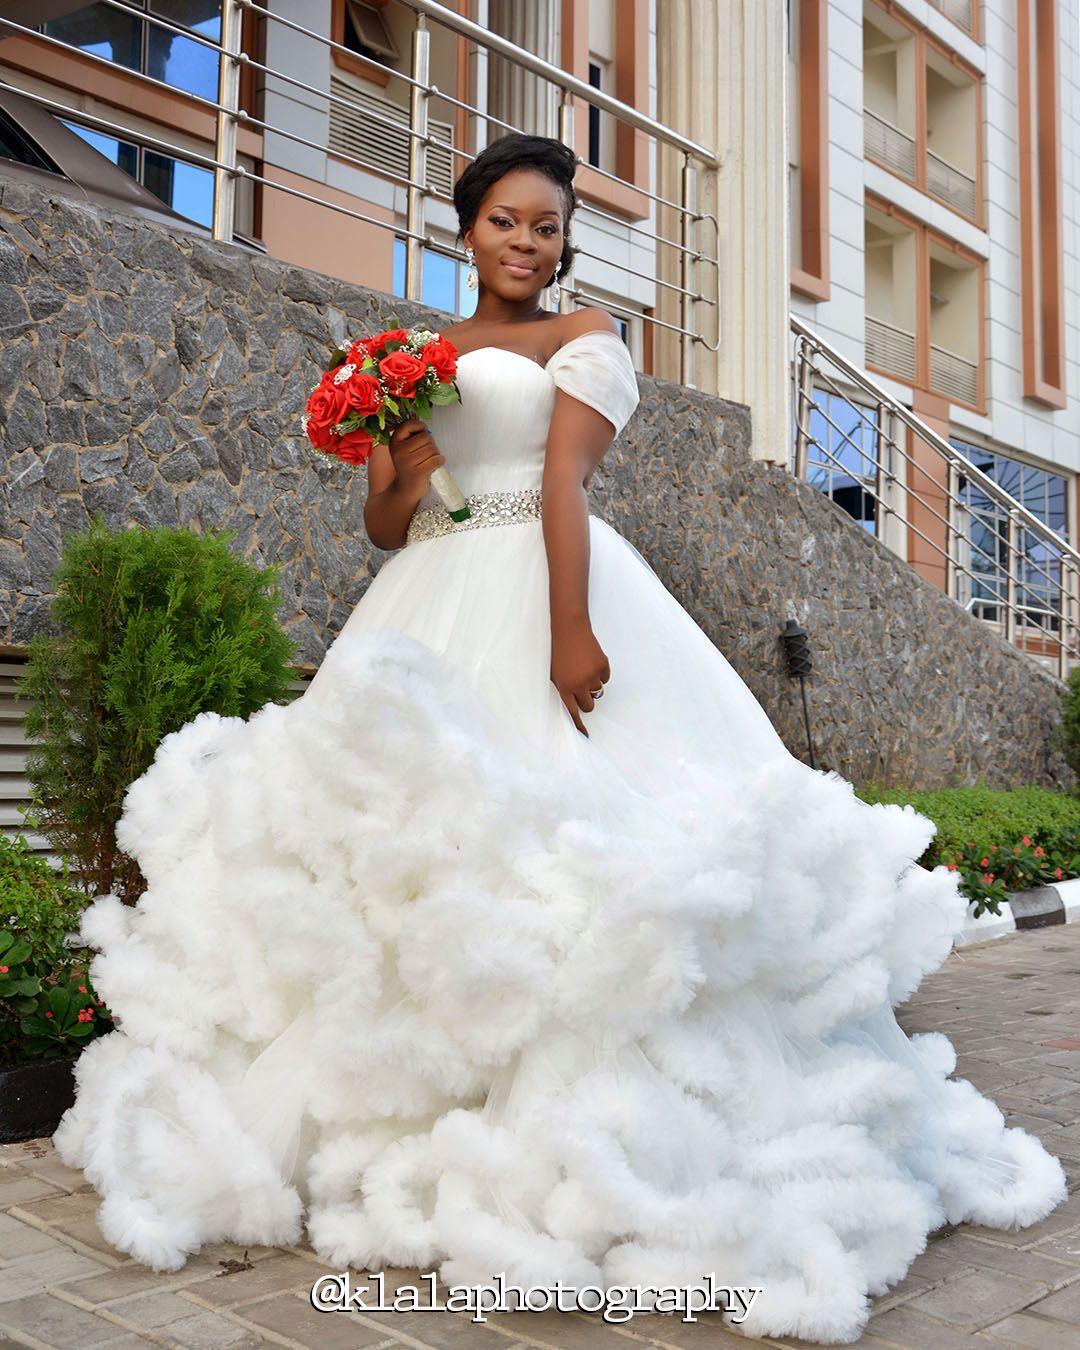 2020 weiße Ballkleider Quinceanera Kleider wulstige Wolke Design Bonbon 16-Kleider schnüren sie oben rückseitigen Schatz plus Größe Flügelärmel Brautkleid